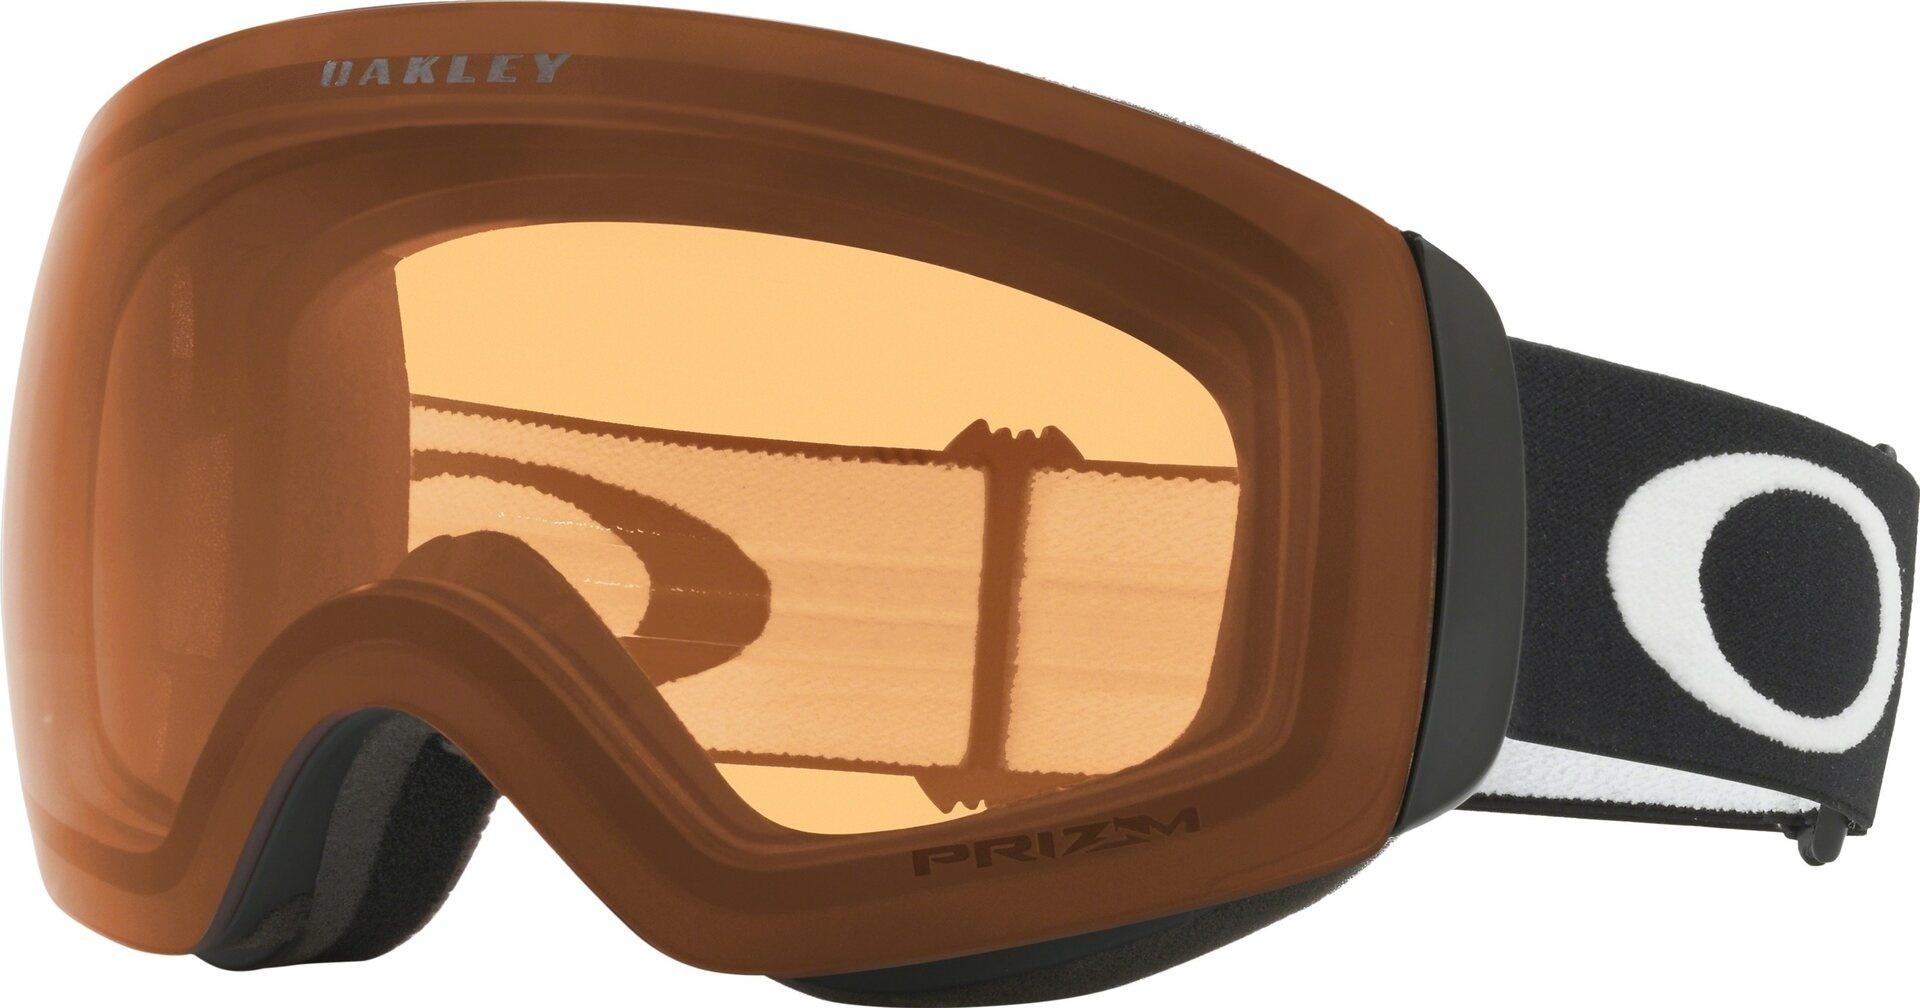 Oakley Oakley Flight Deck Snow Goggle